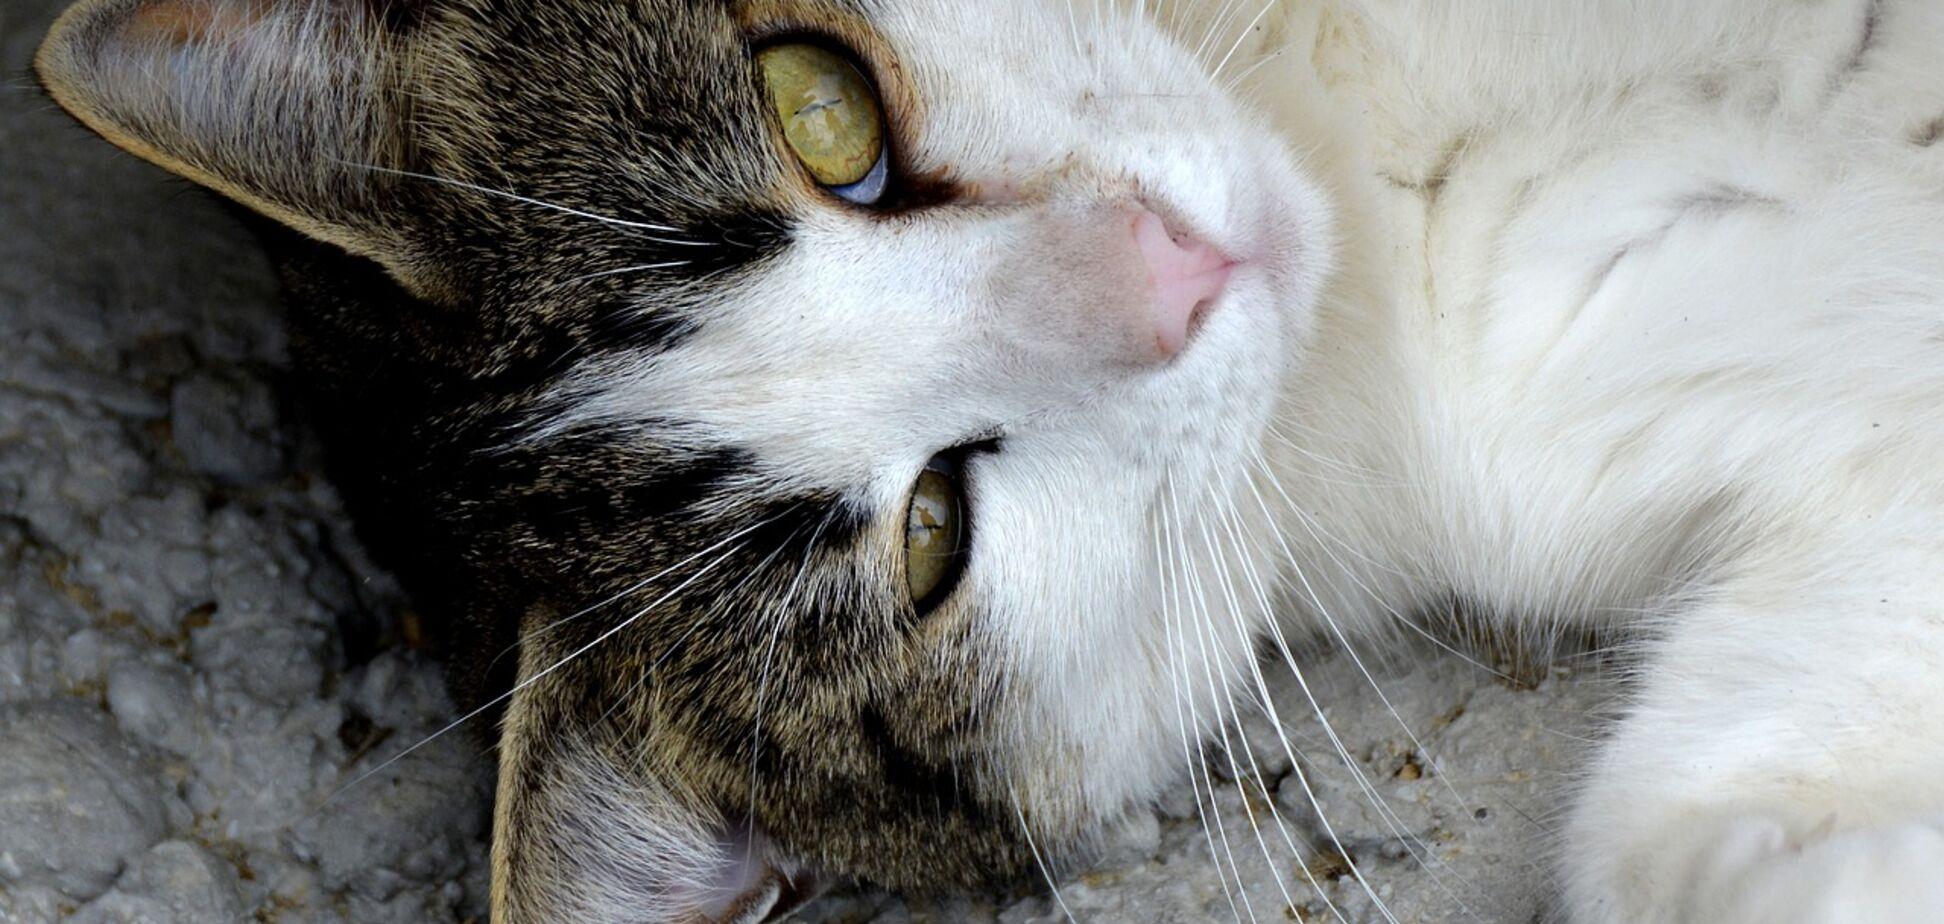 Друг тижня: чотири кота Дніпра, які шукають будинок